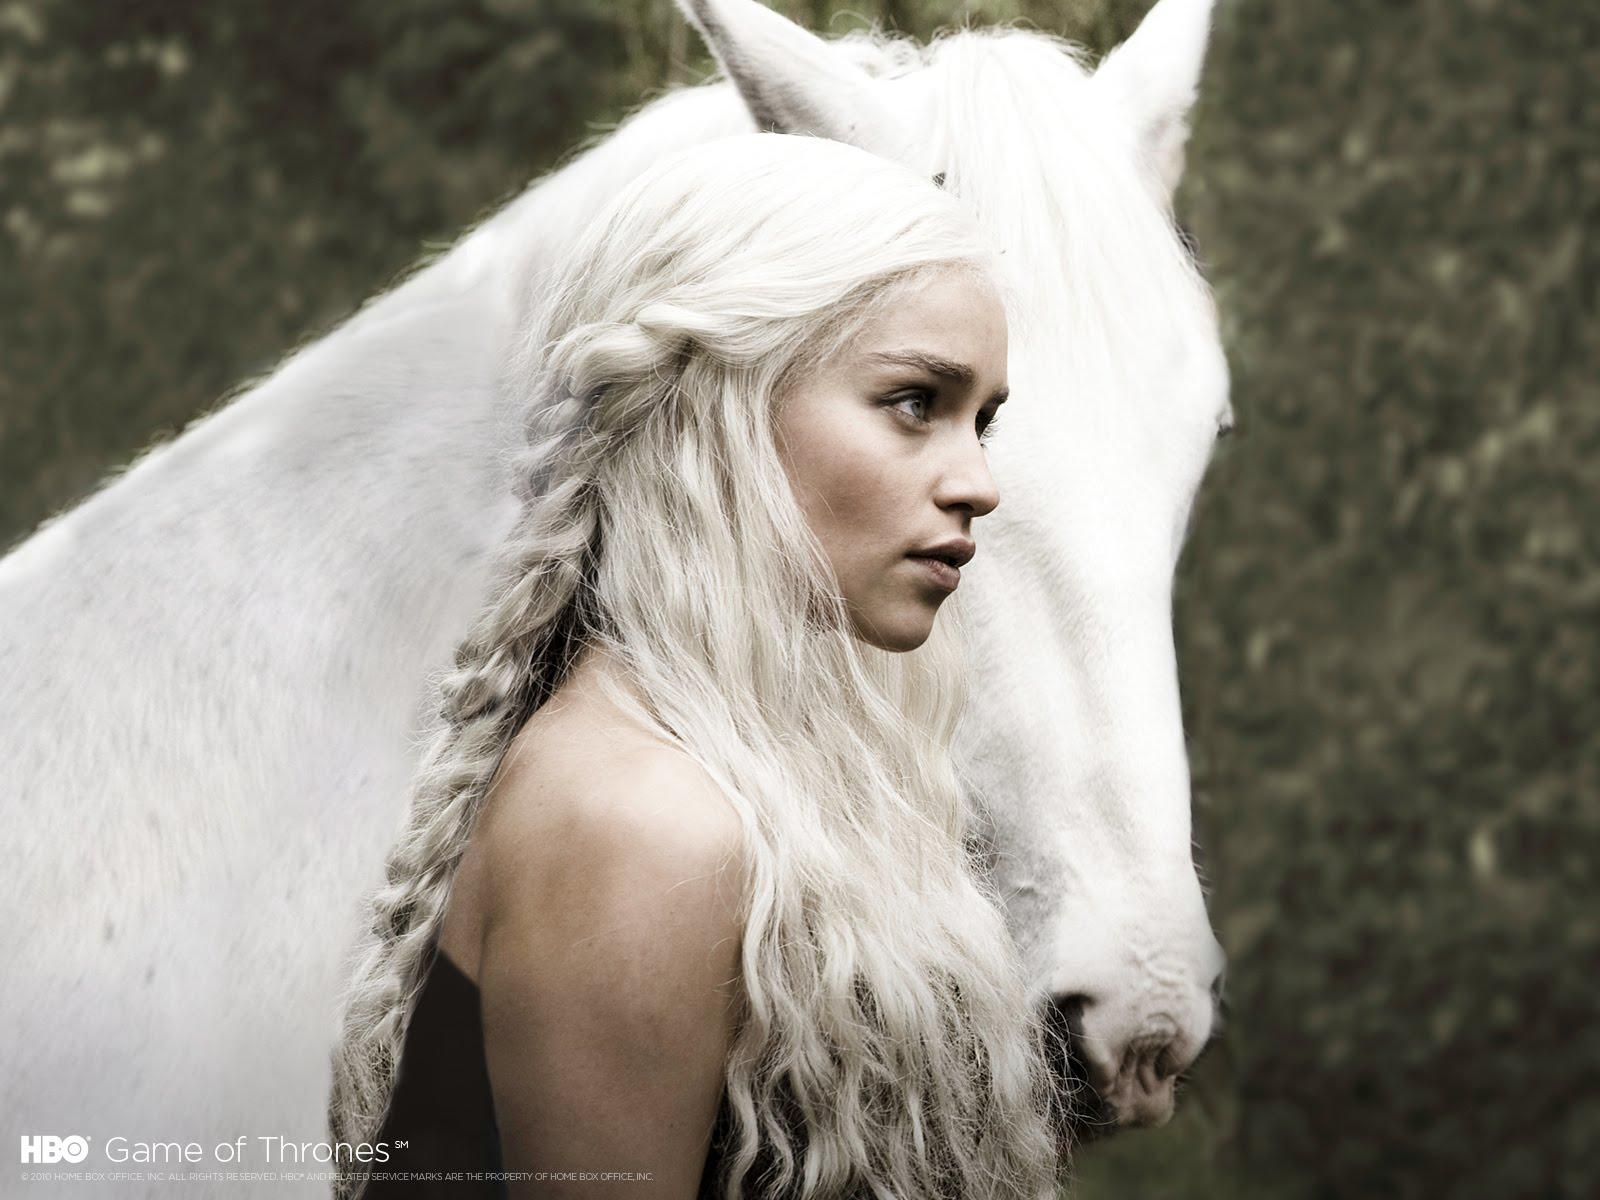 http://2.bp.blogspot.com/_sHcI0yCemJQ/TI7t8fRIpEI/AAAAAAAAAzw/Jwd585fVvUY/s1600/Daenerys+Wallpaper.jpg